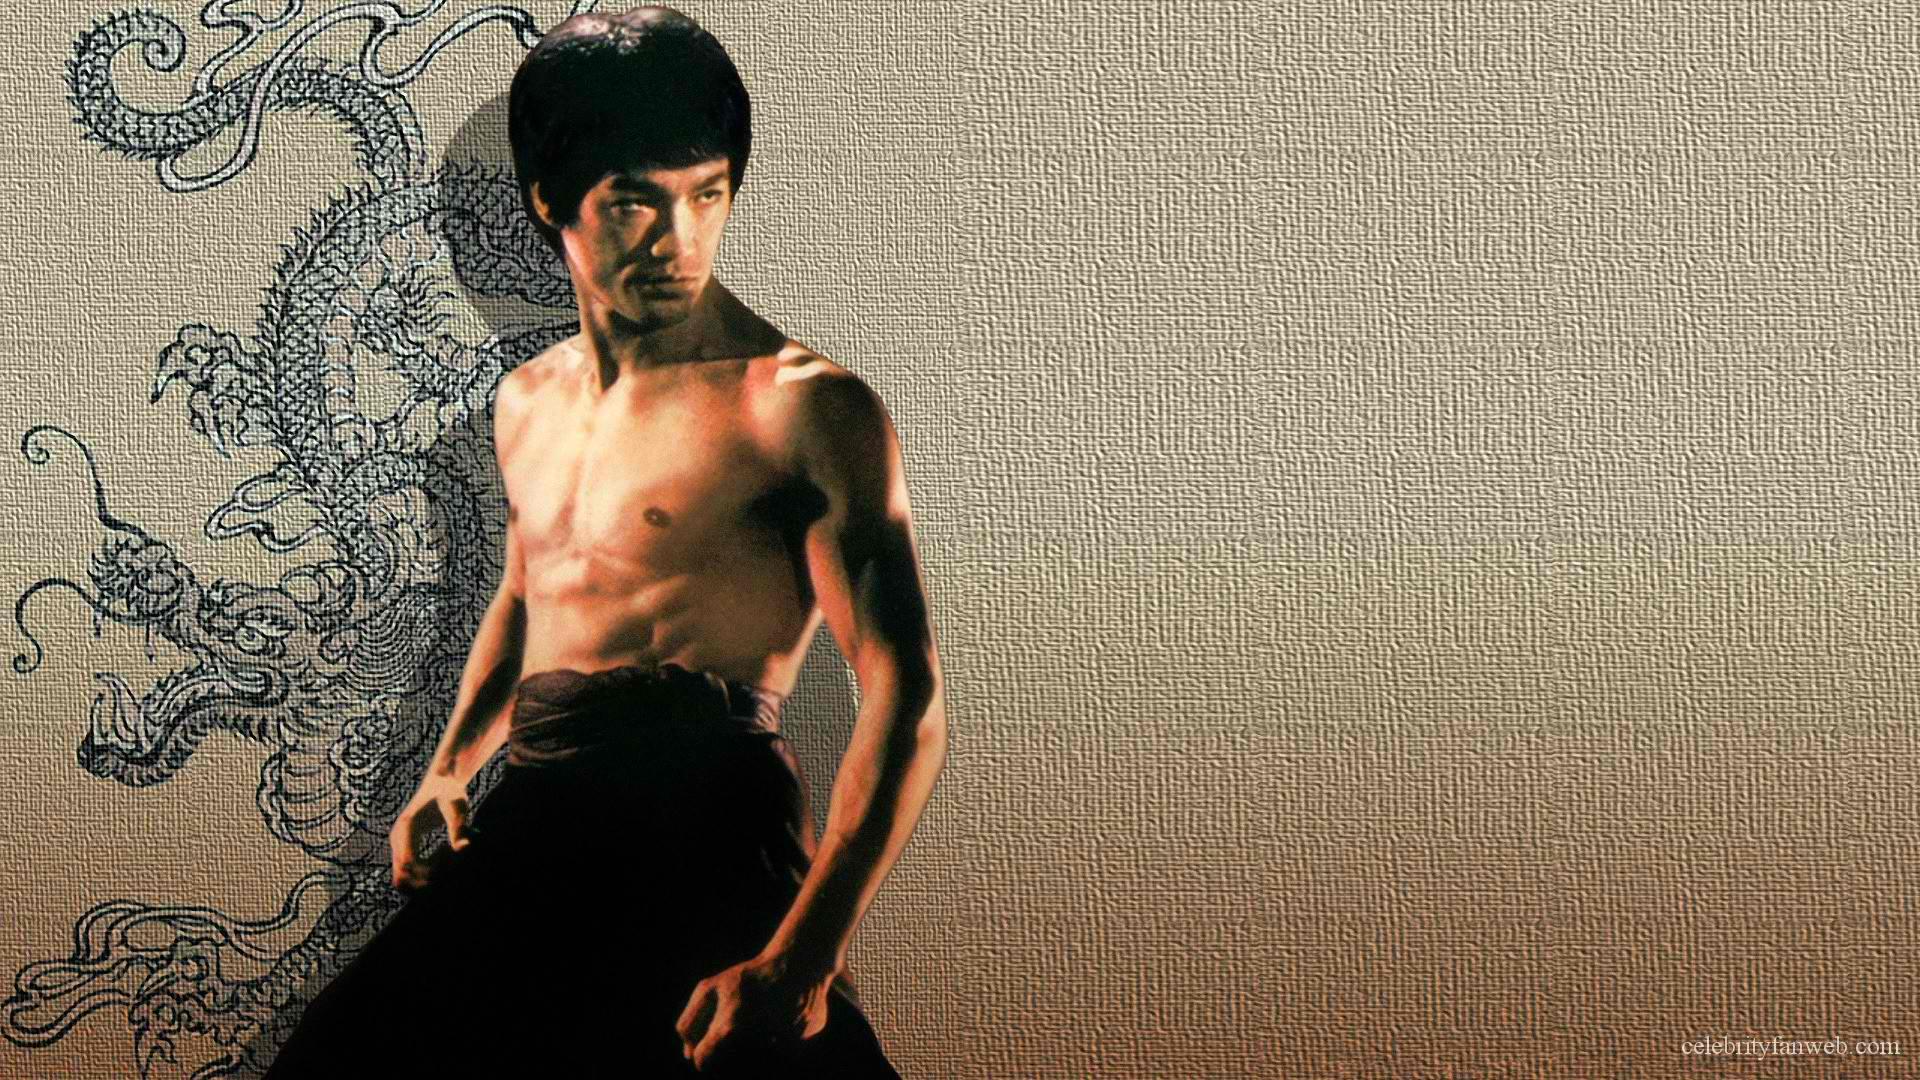 Bruce Lee - Bruce Lee Wallpaper (27597480) - Fanpop